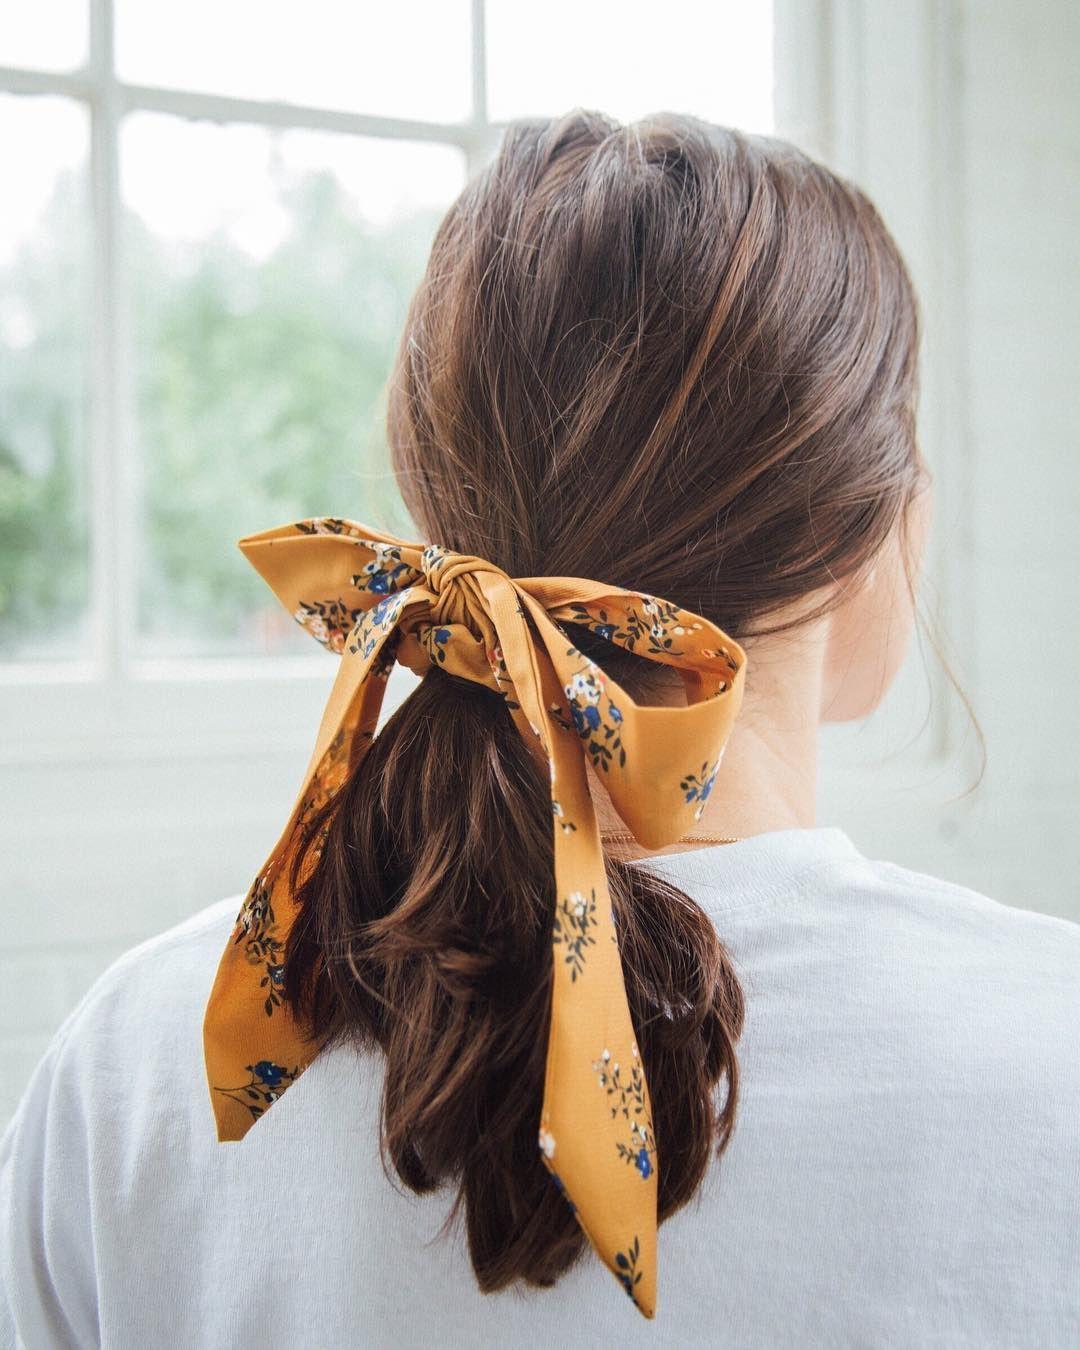 Cuối tuần đi chơi, phe tóc dài mà diện kiểu tóc này thì crush có lạnh lùng đến mấy cũng say như điếu đổ - Hình 16